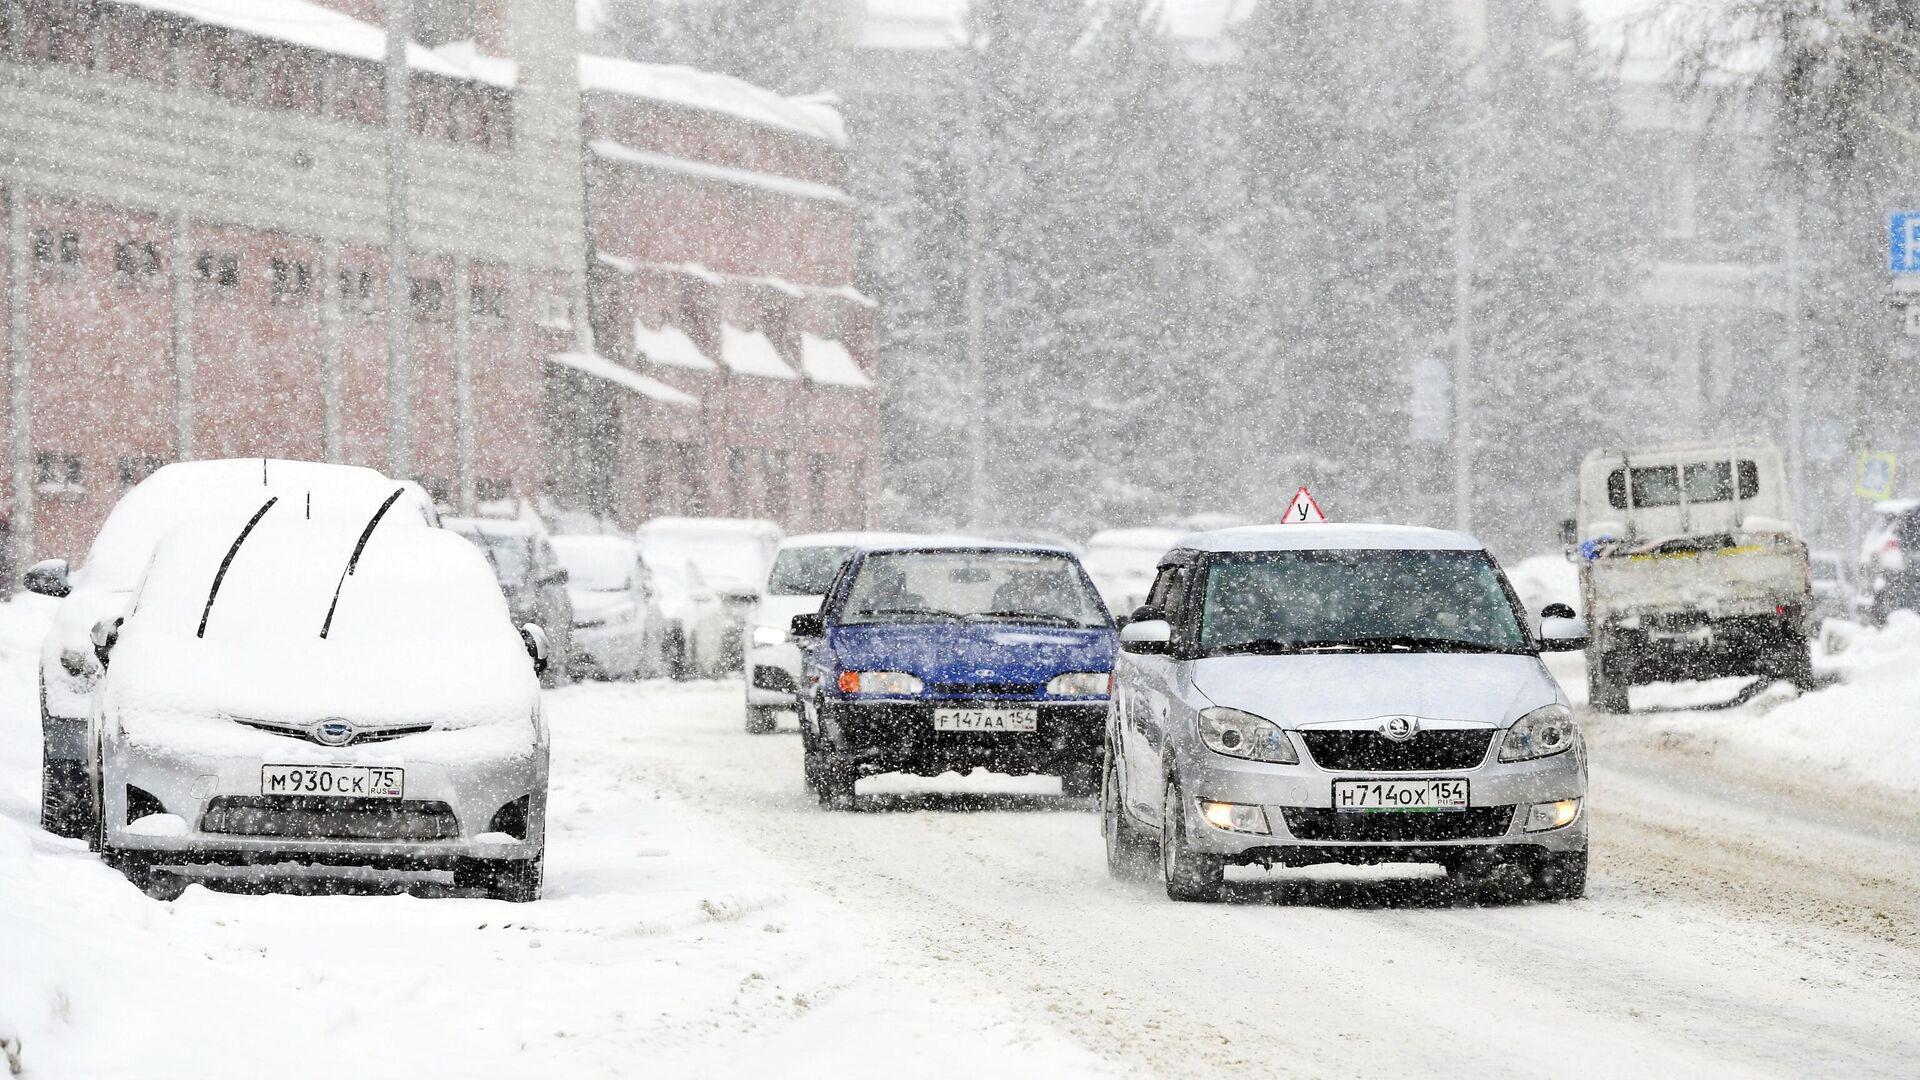 Coches circulan por una carretera en Rusia durante la nevada - Sputnik Mundo, 1920, 05.03.2021